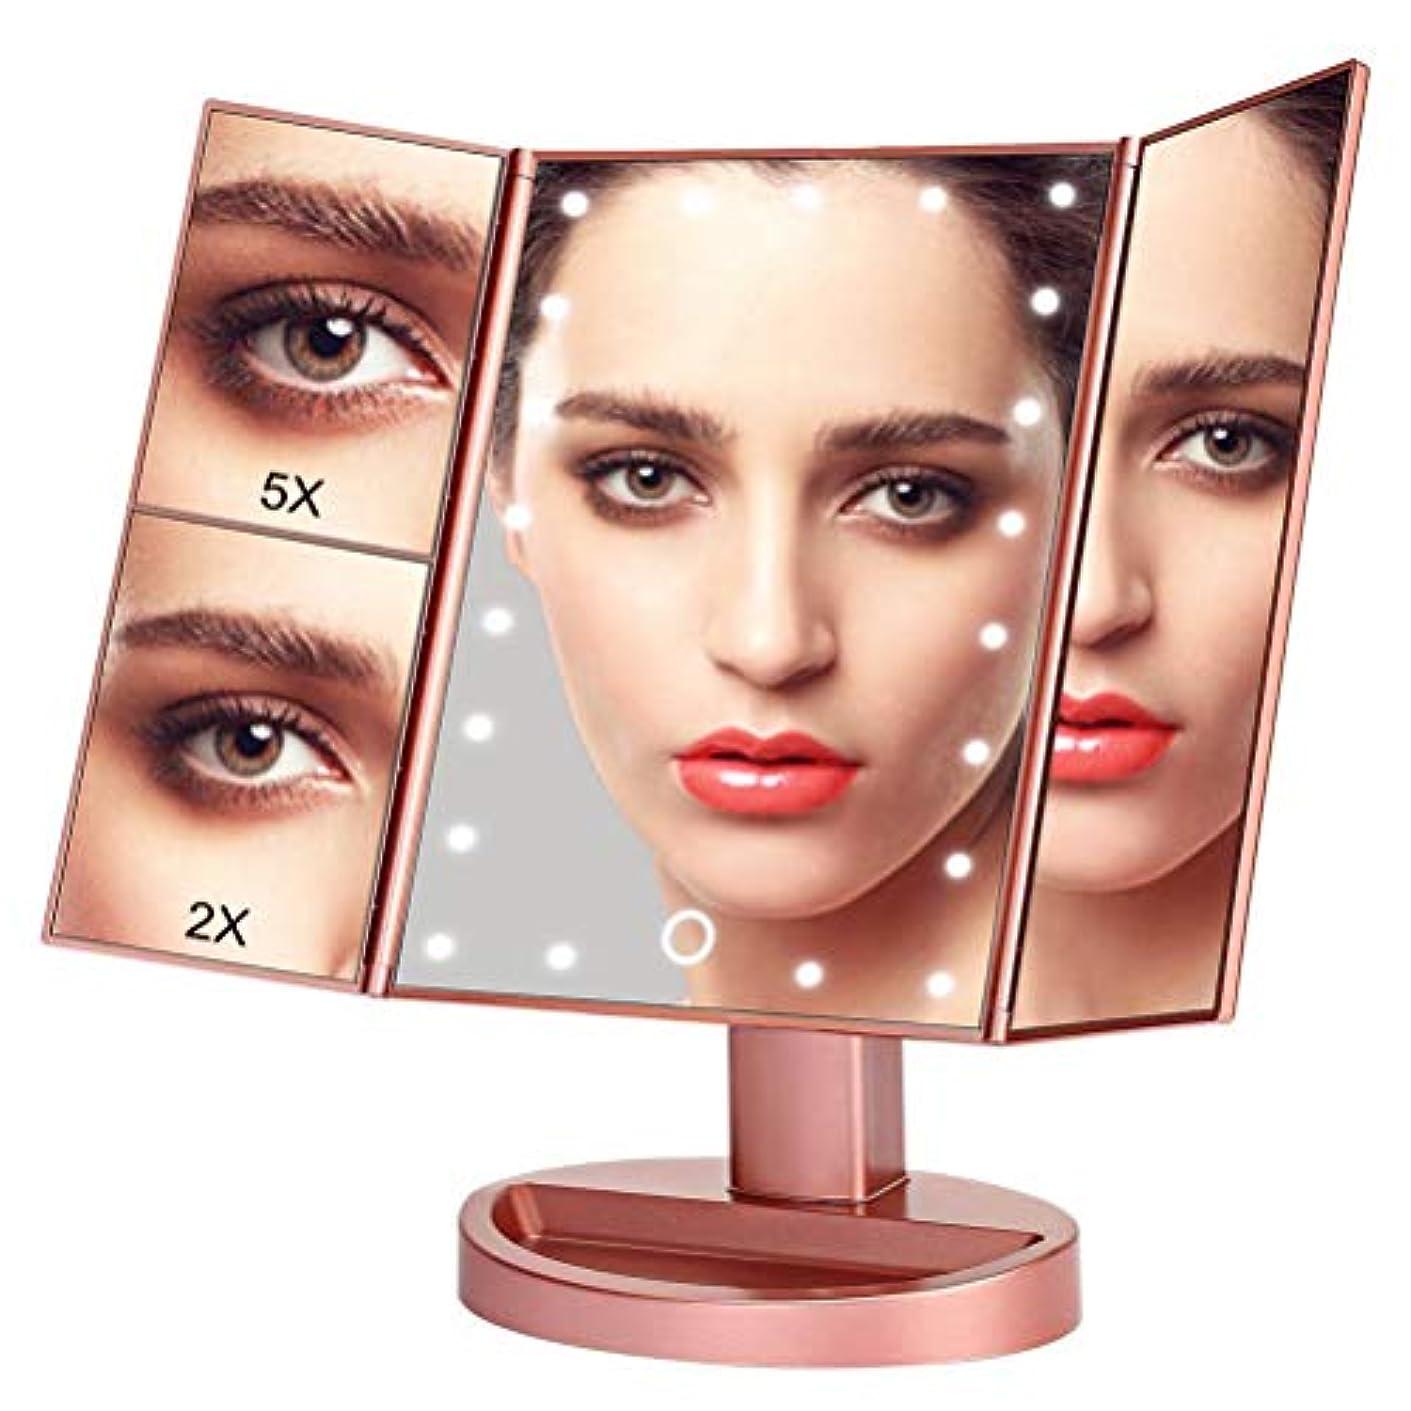 チーター前者つぶやきOKISS 三面鏡 LED化粧鏡 卓上 ミラー 女優 鏡 2倍と5倍拡大鏡付き 明るさ調節可能 折り畳み式 180°回転 USB/単4電池給電 (LED三面鏡2)